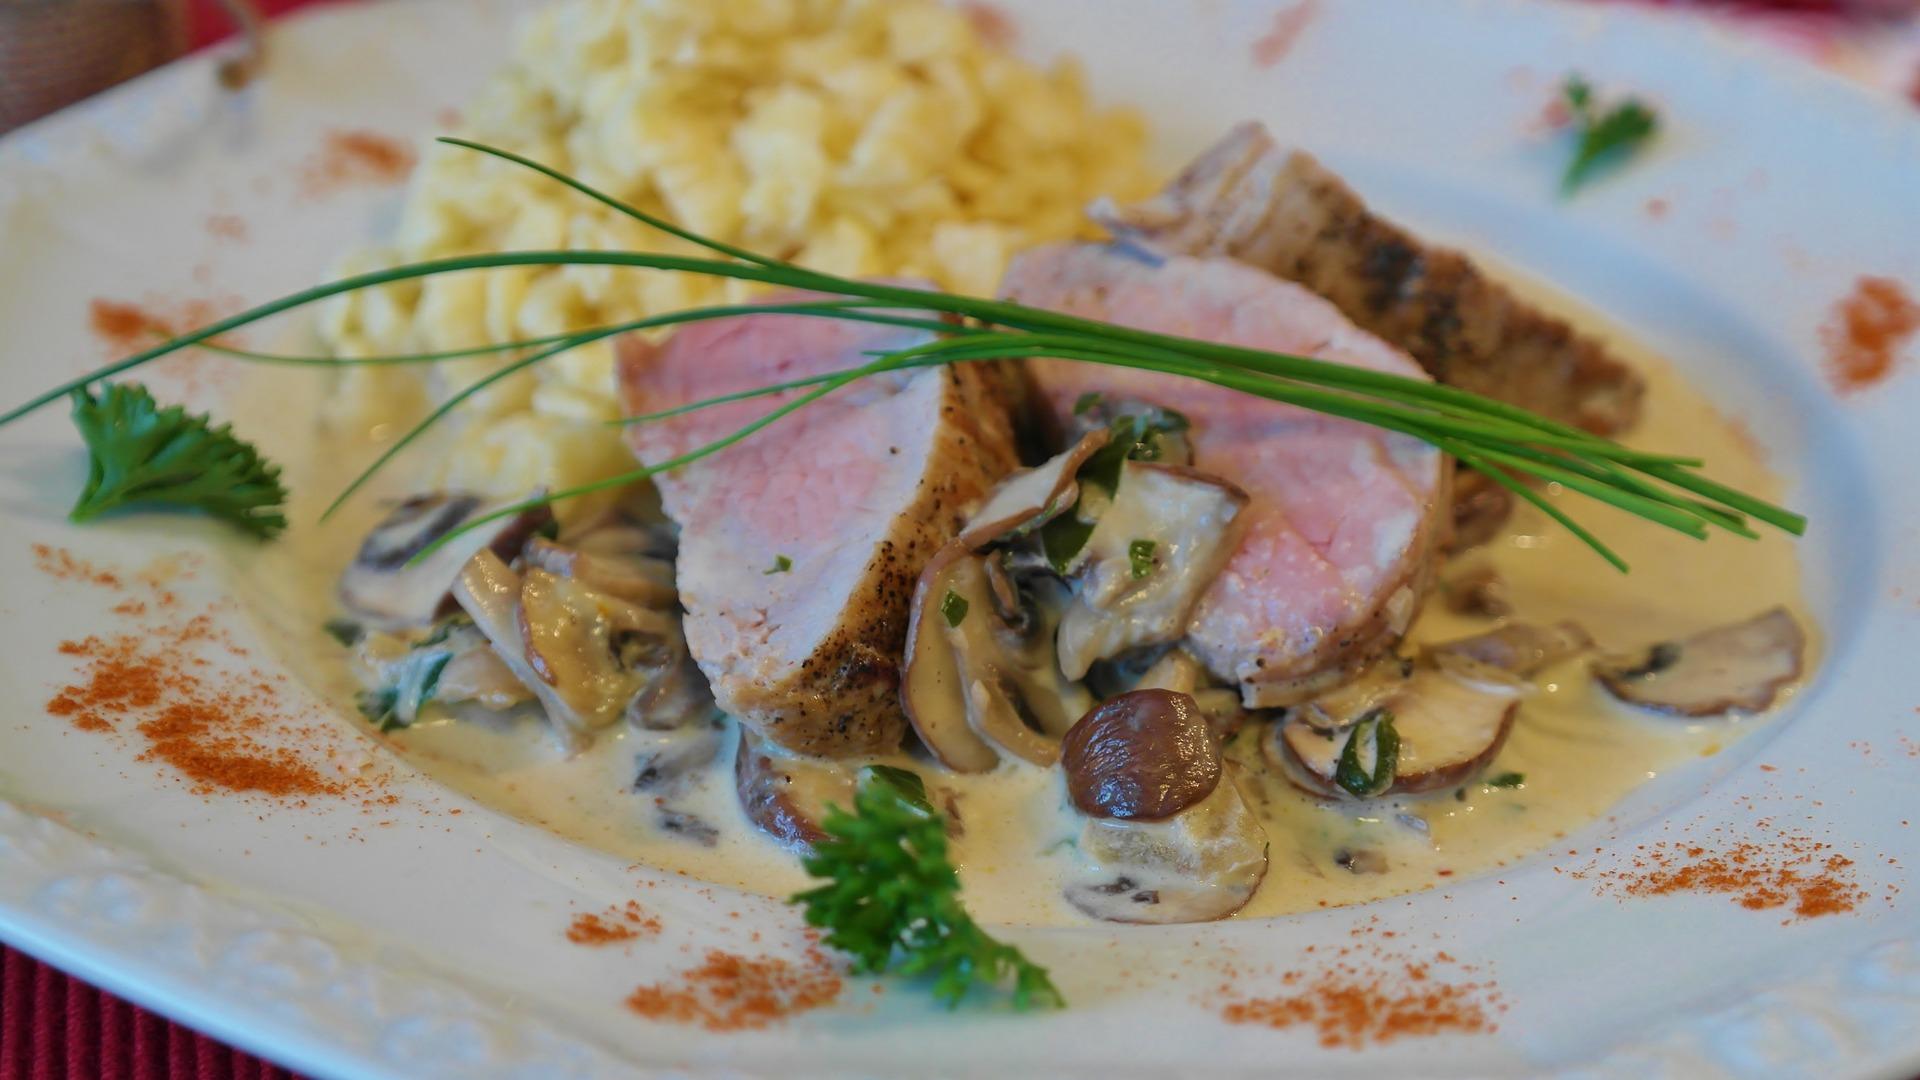 pork-tenderloin-1314322_1920